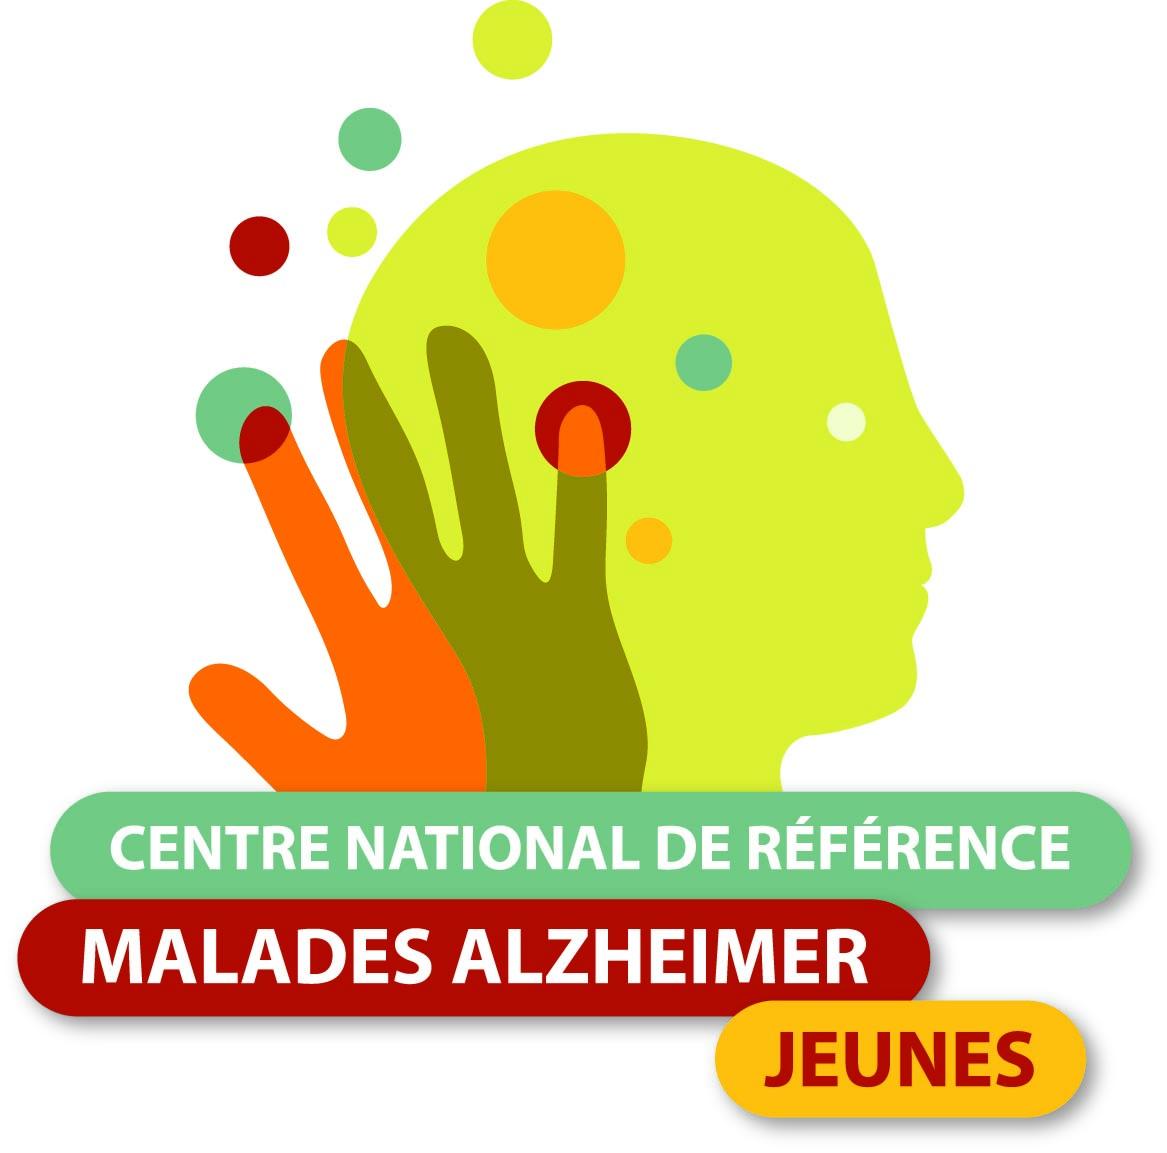 Journée Nationale sur la Maladie d'Alzheimer du Sujet Jeune – PARIS- 6 juin 2019